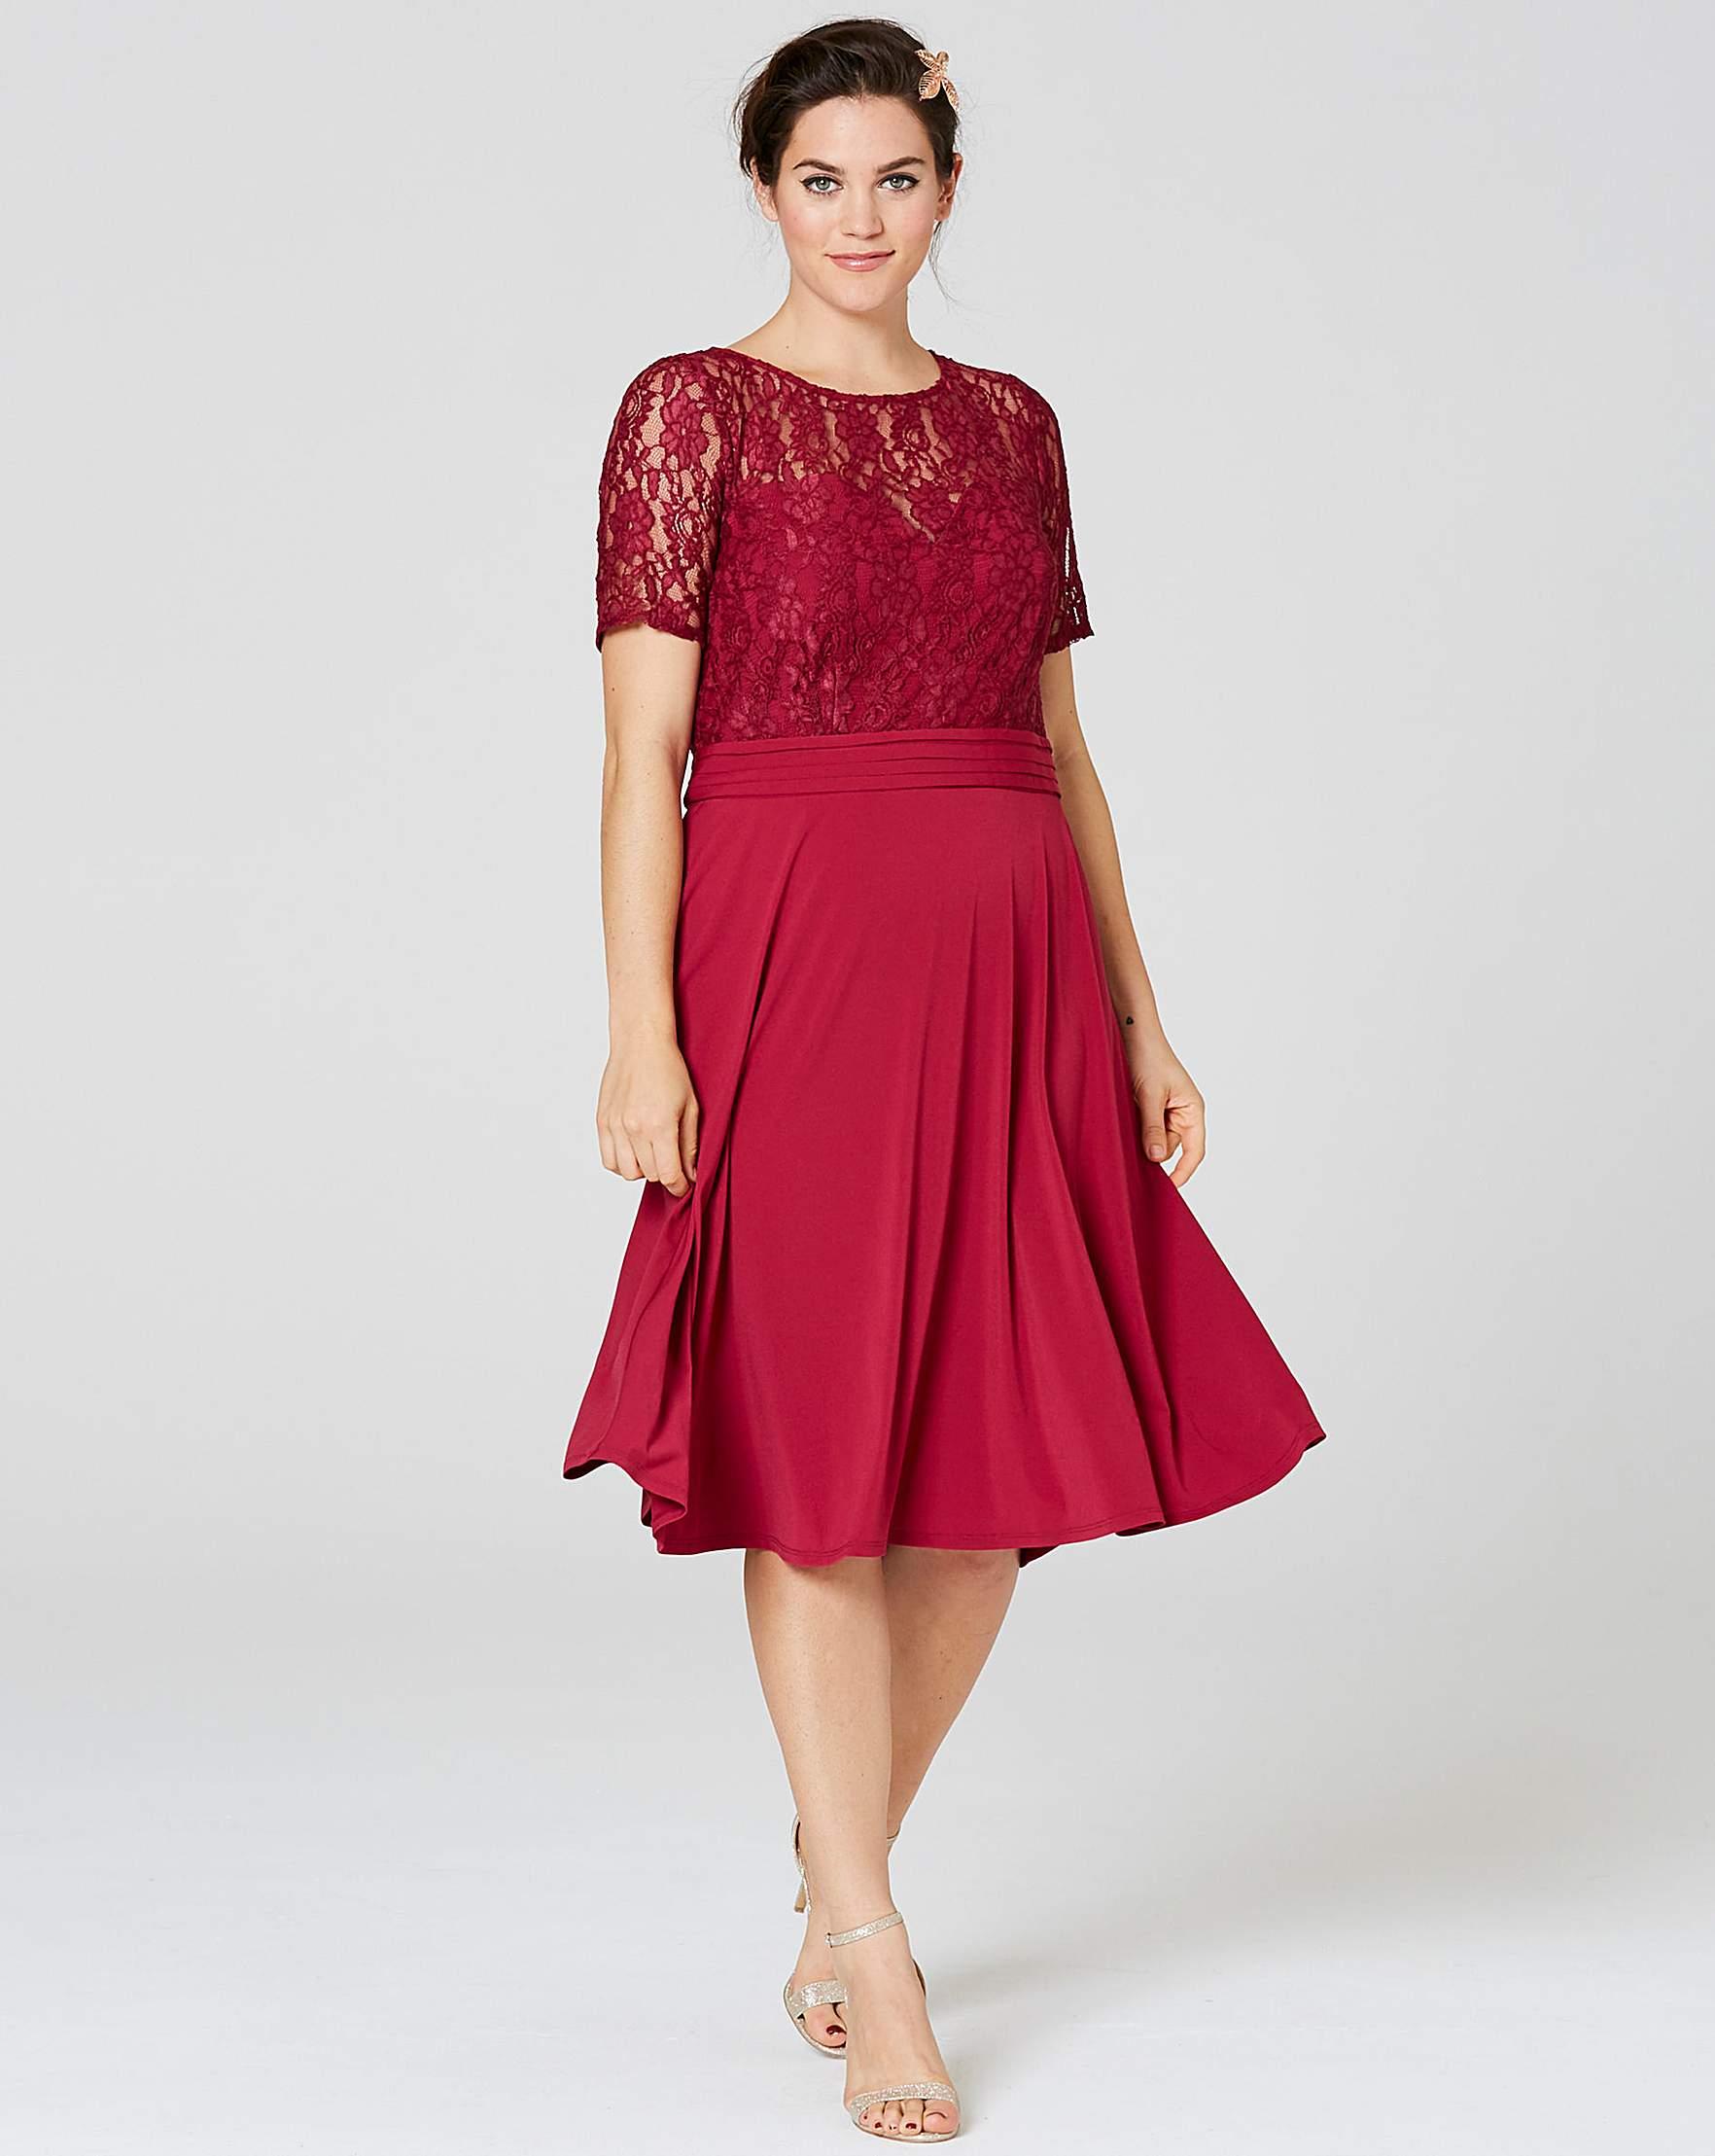 Red and black floral jacquard skater dress